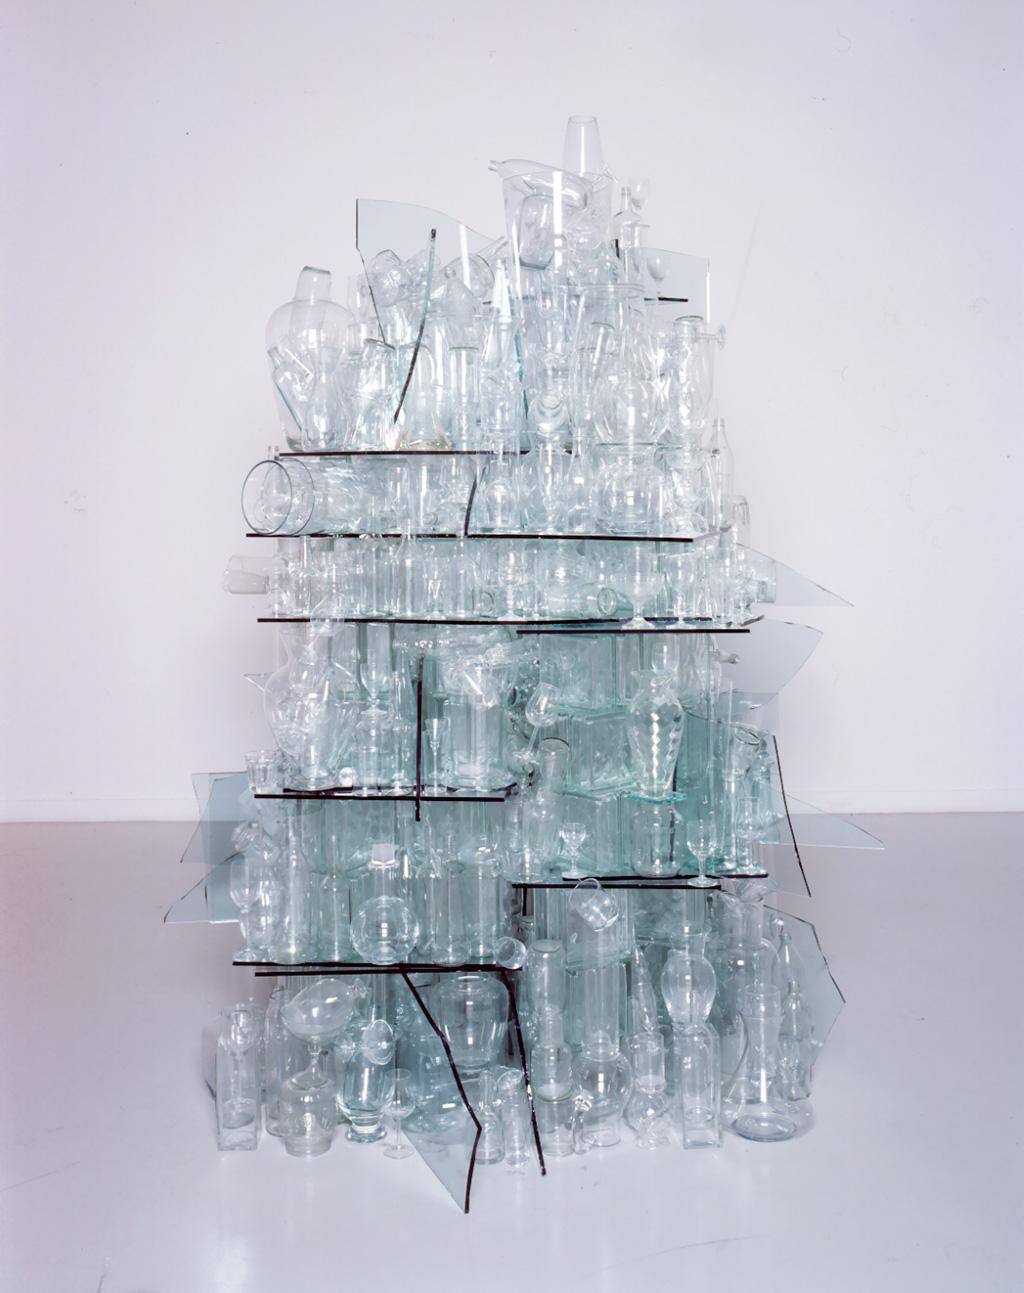 Стопка прозрачного стекла Германия, 2000 © Tony Cragg Studio, Fondazione Berengo